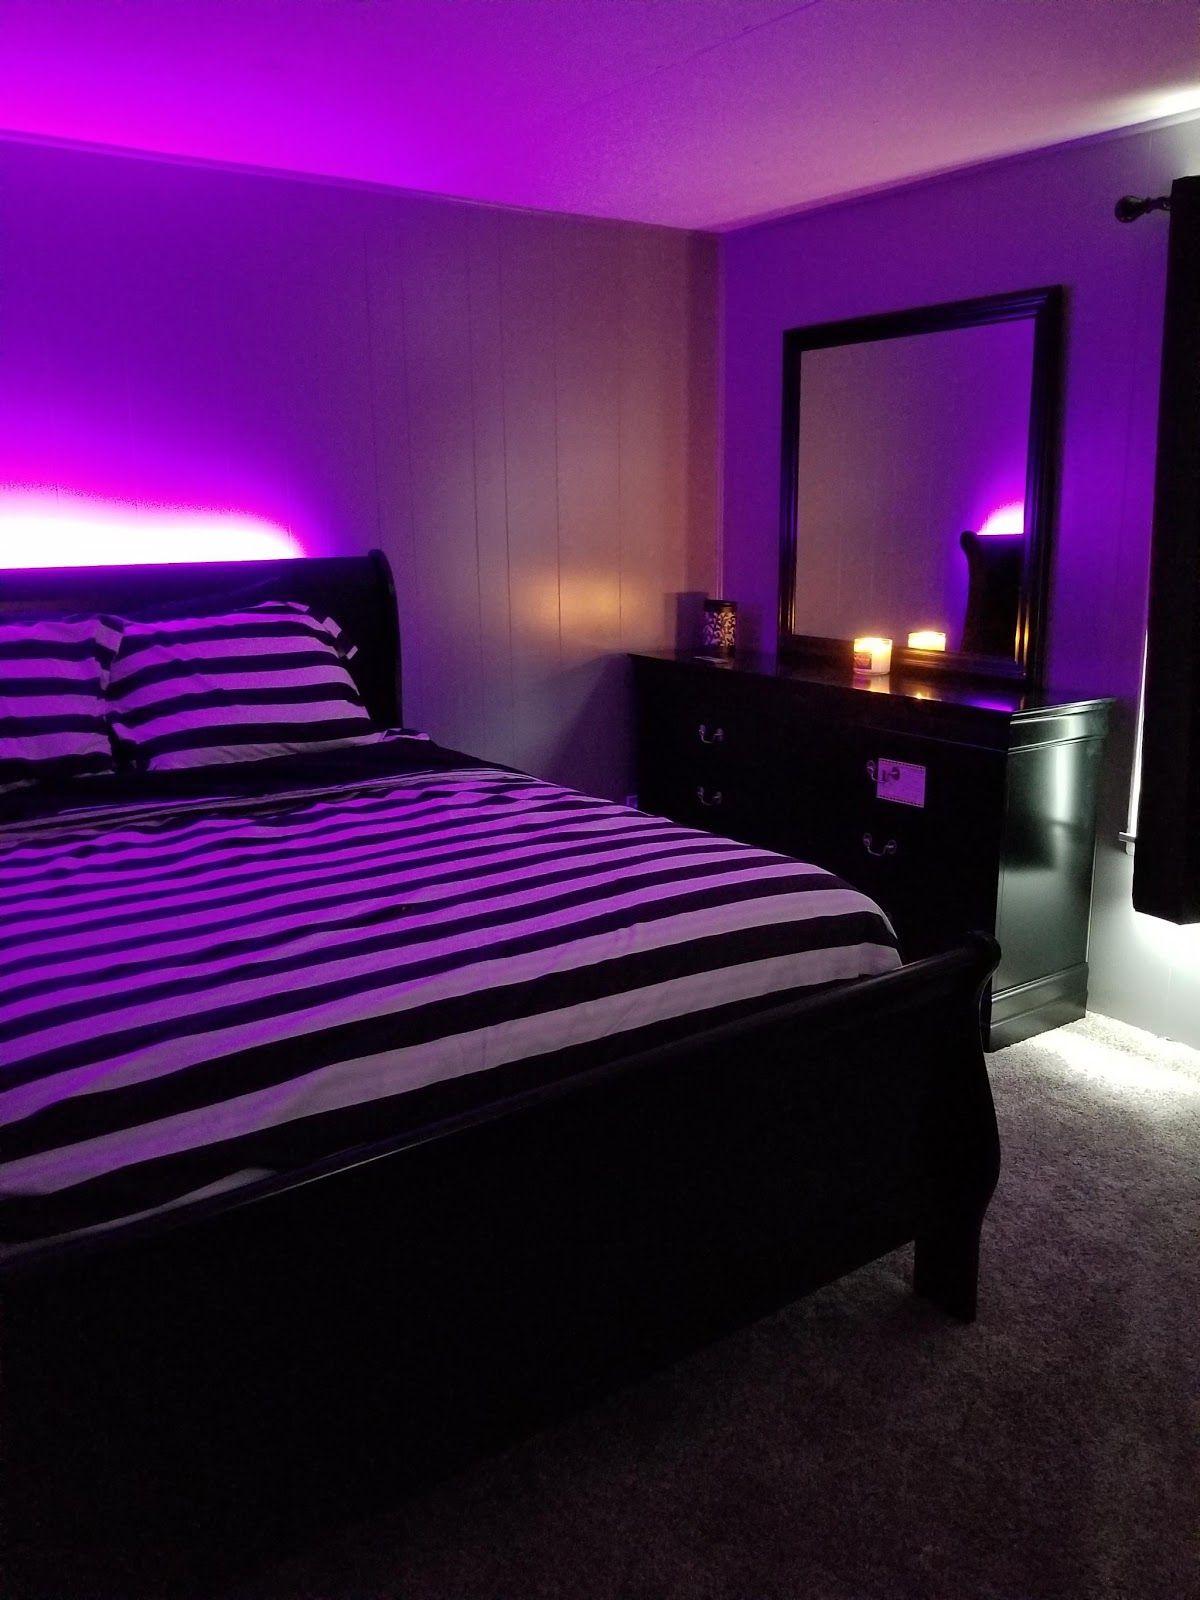 black light bed room en 2020 (con imágenes) | Dormitorio ...